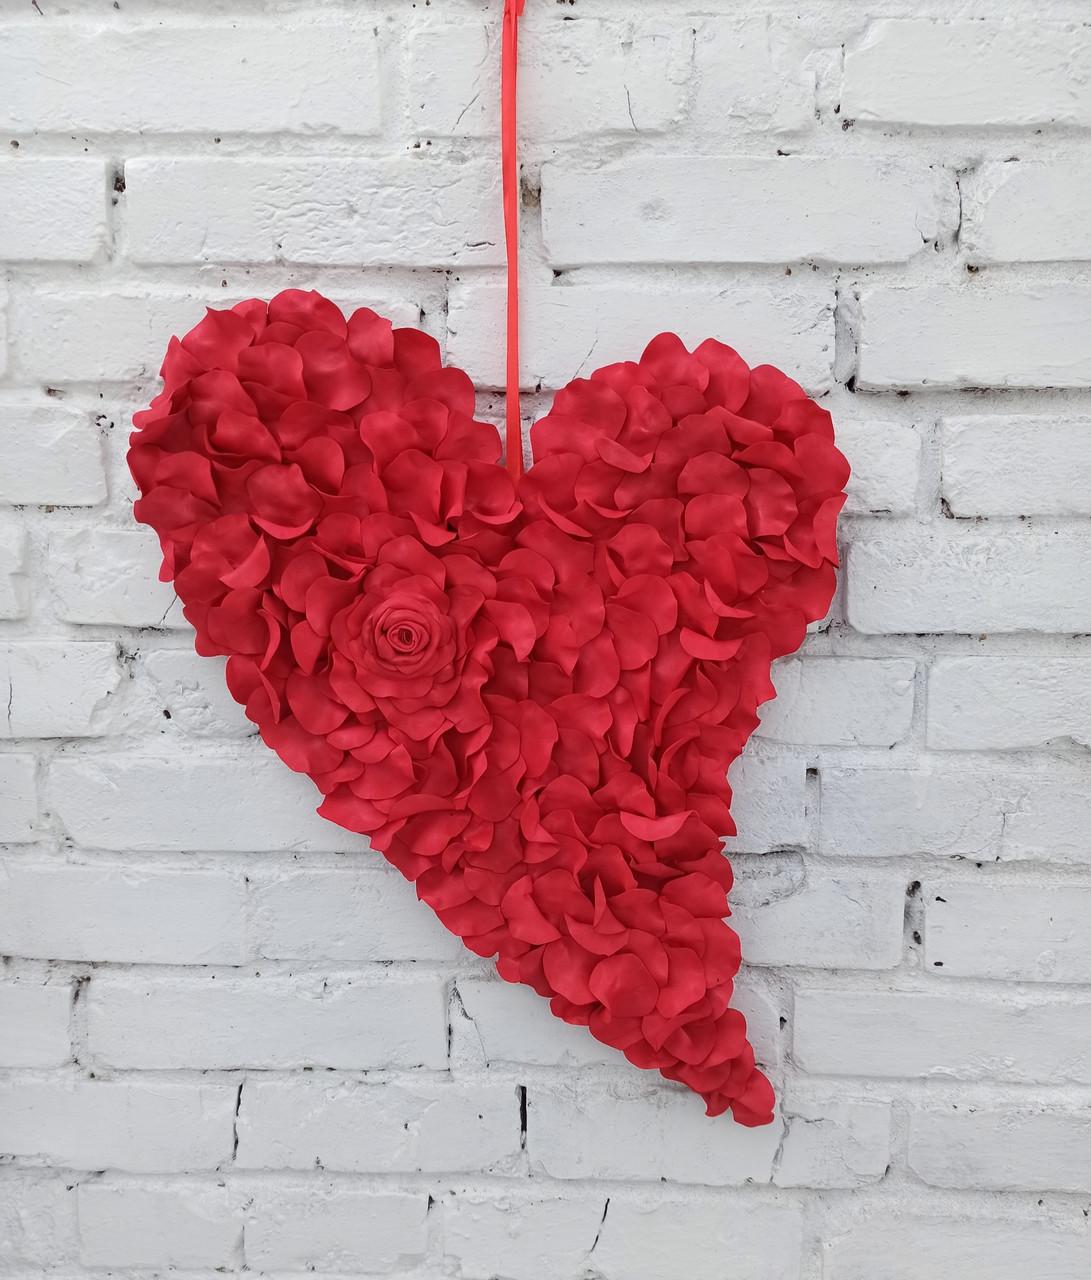 Декоративне червоне серце з пелюсток троянд